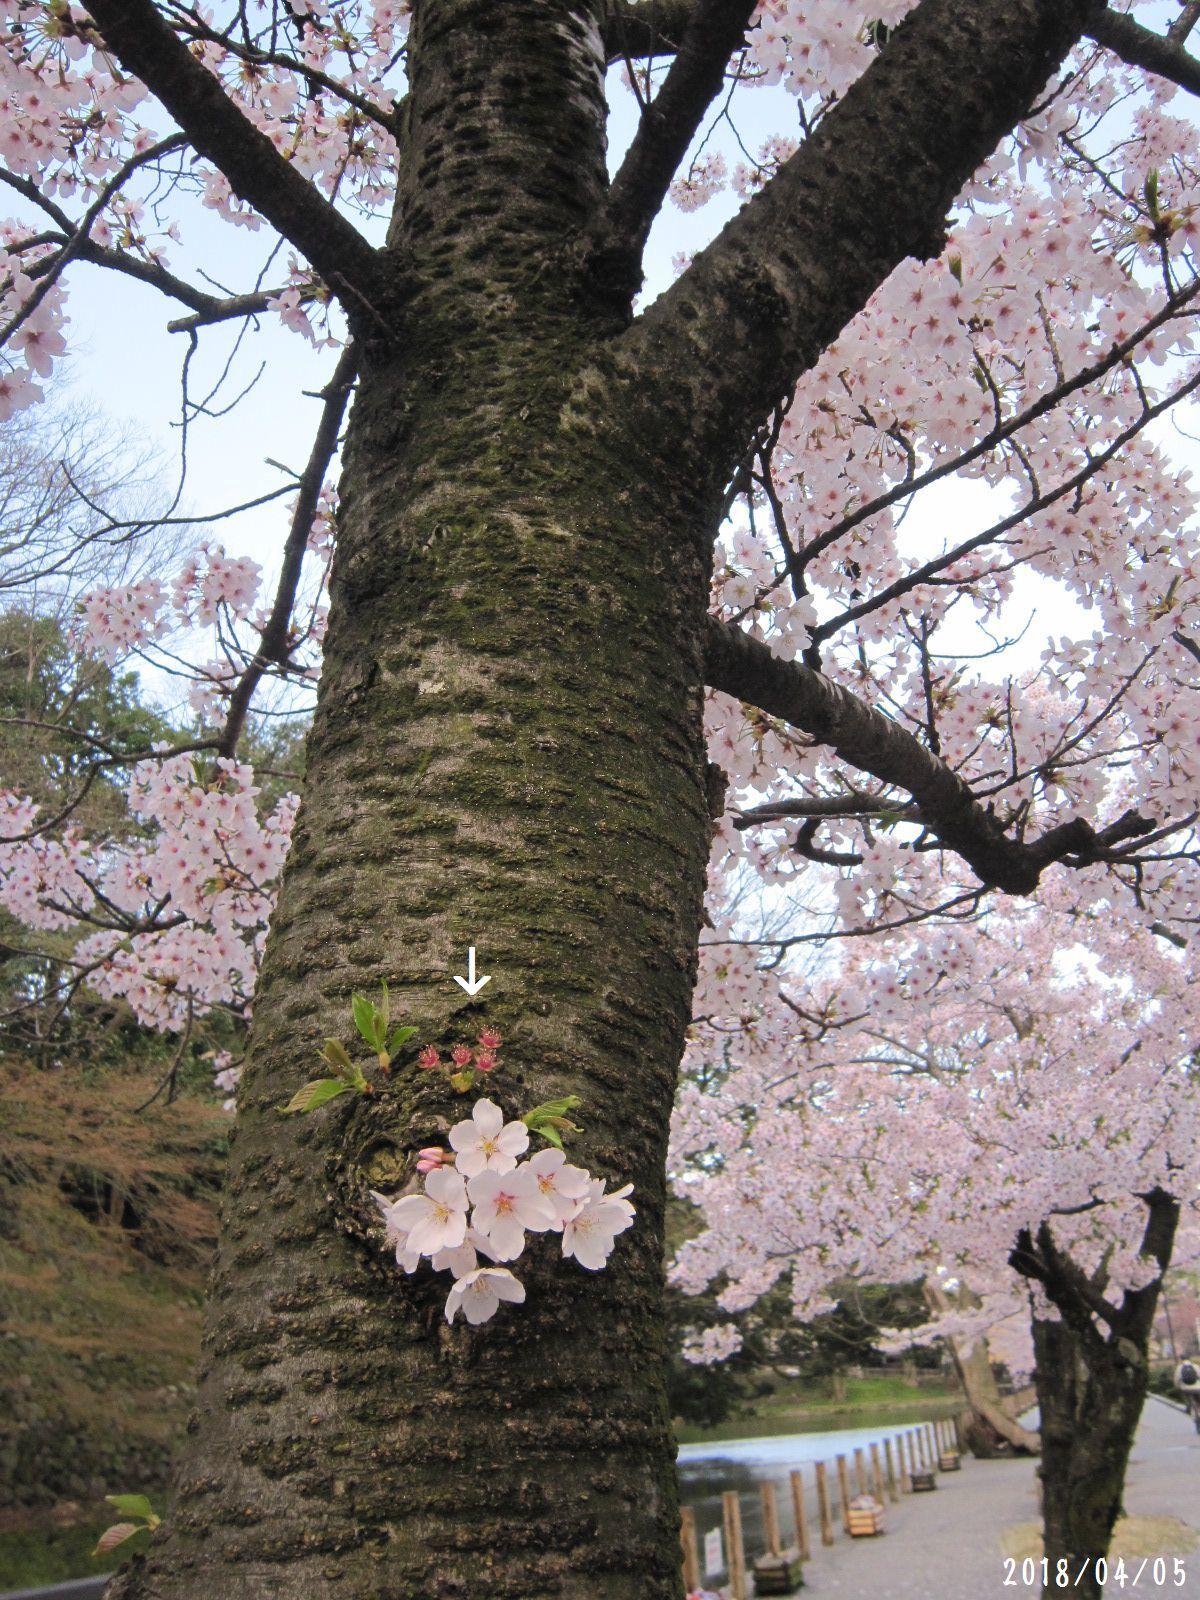 桜だより❀ 満開です❀ (4月7日 追記あり)  _a0207574_09215916.jpg